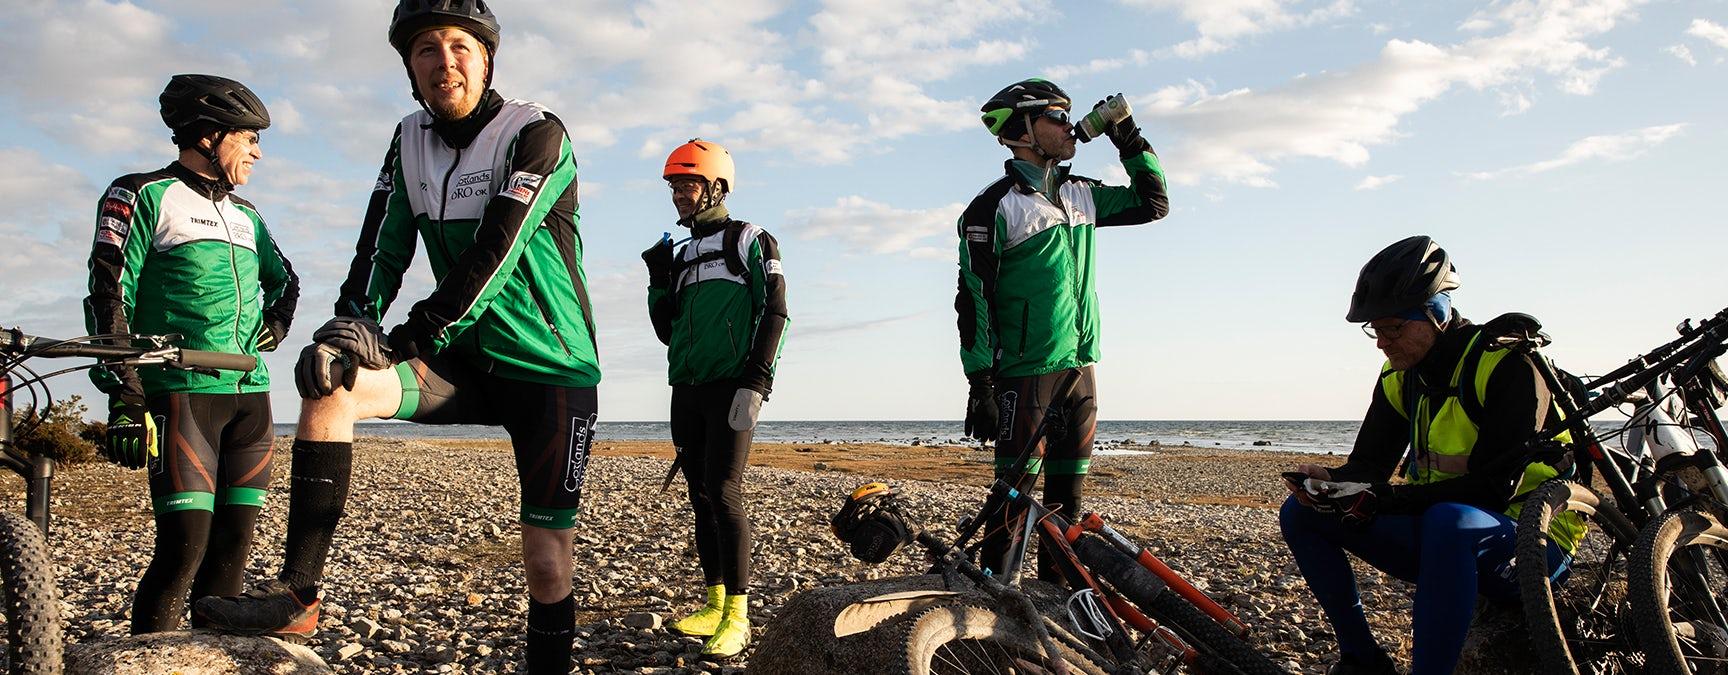 Fem manliga cyklister tar en paus i solnedgången på Ekstakusten.